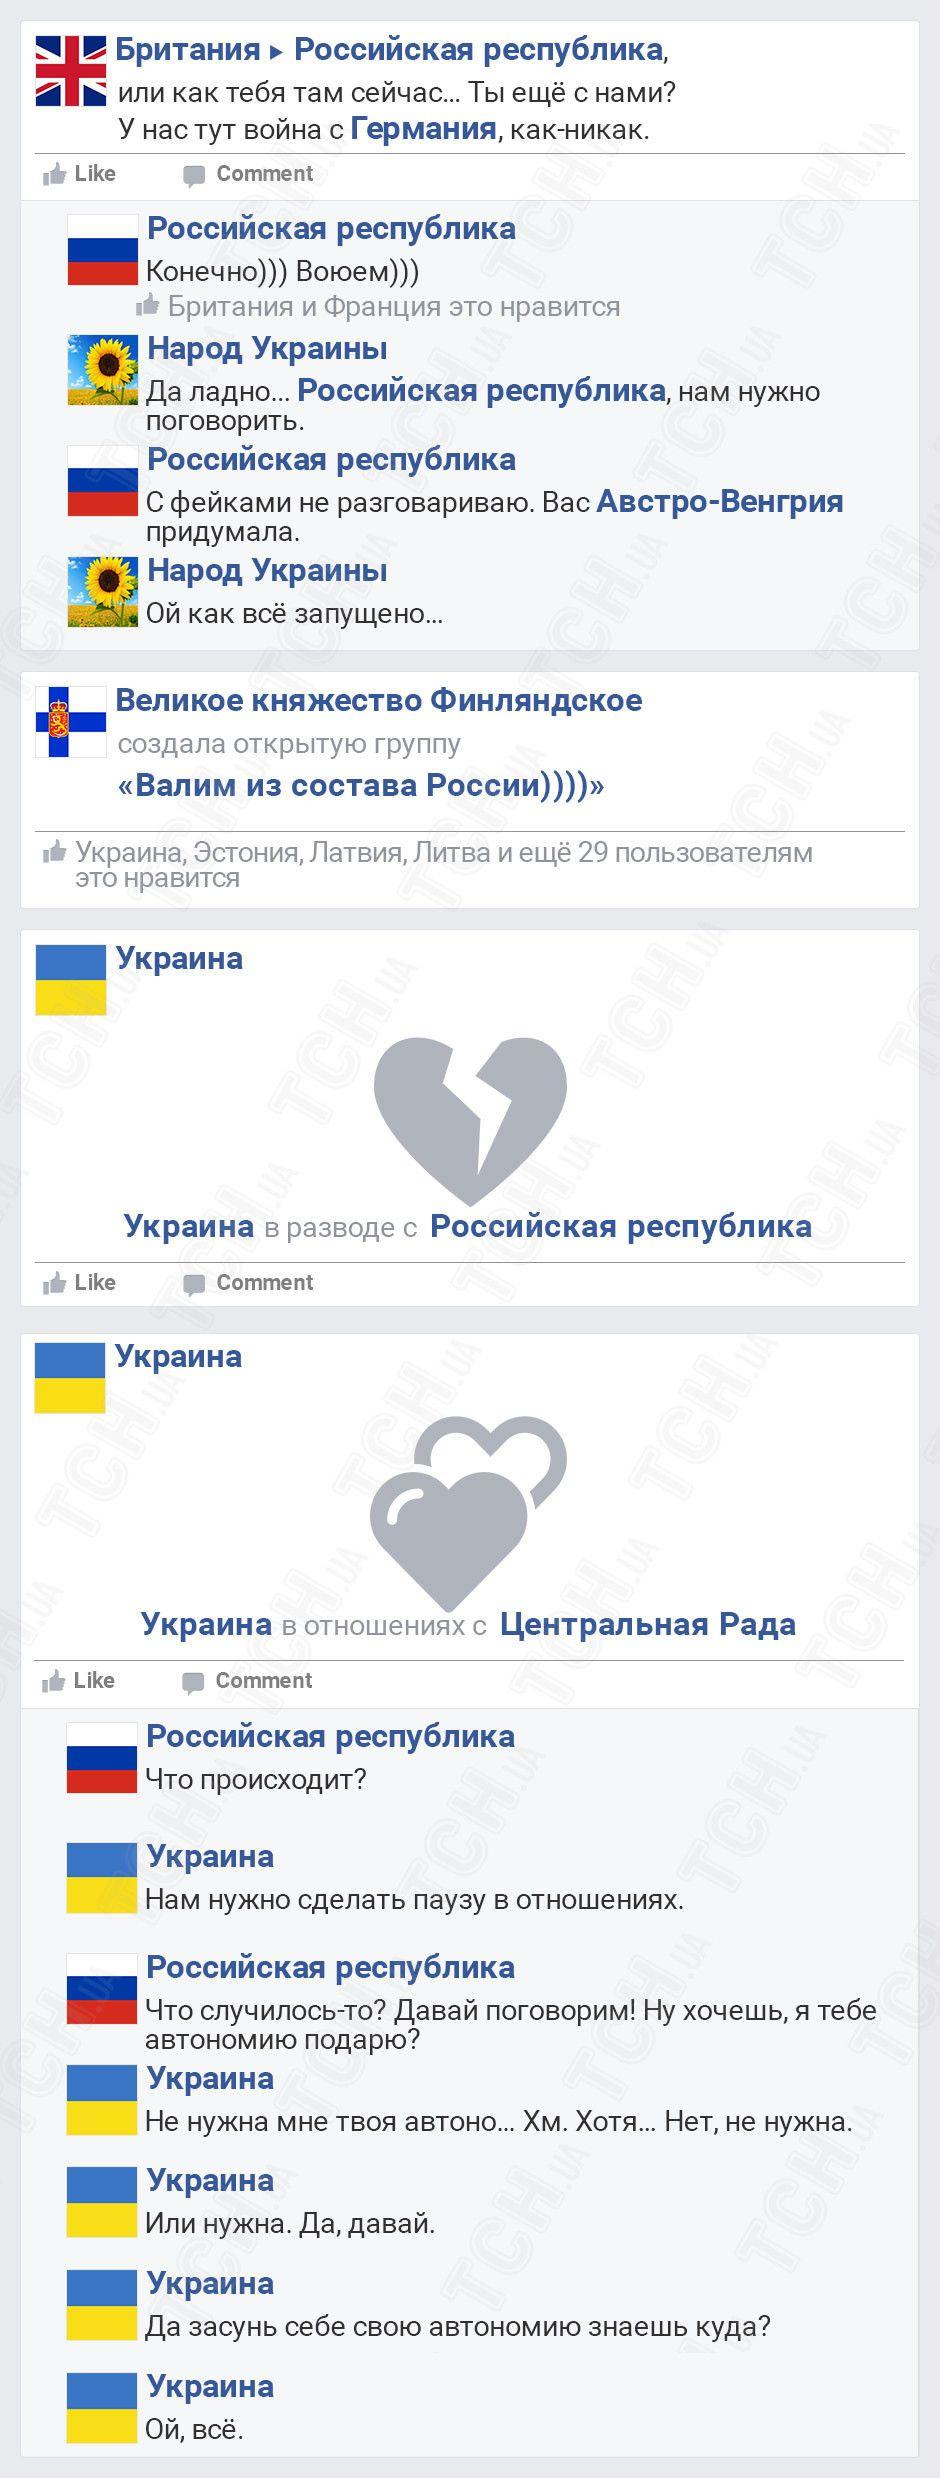 Українська революція, для блогів_14